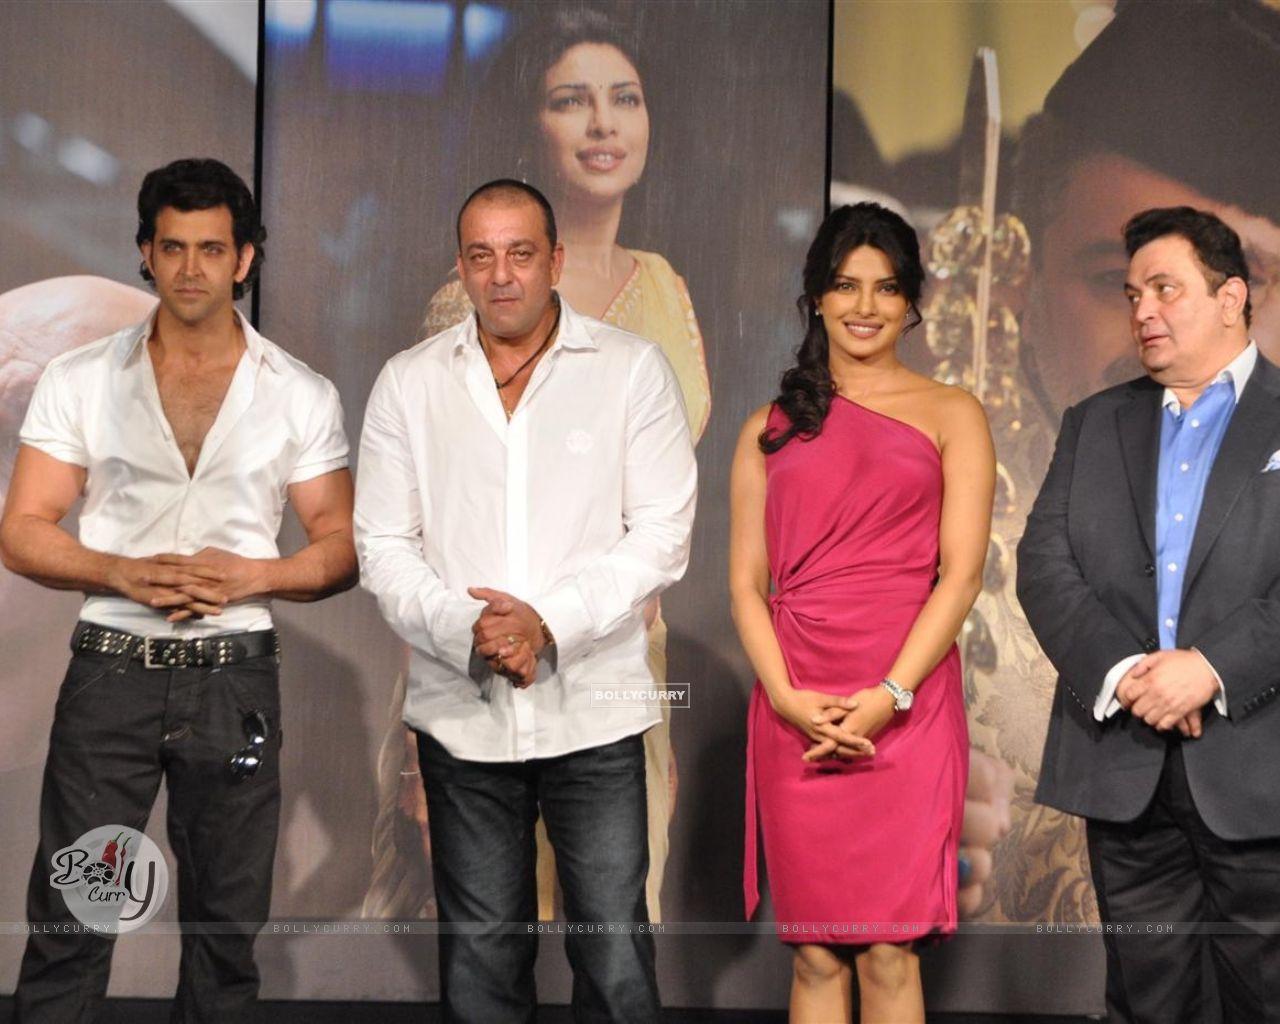 wallpaper - hrithik roshan, sanjay dutt, priyanka chopra and rishi